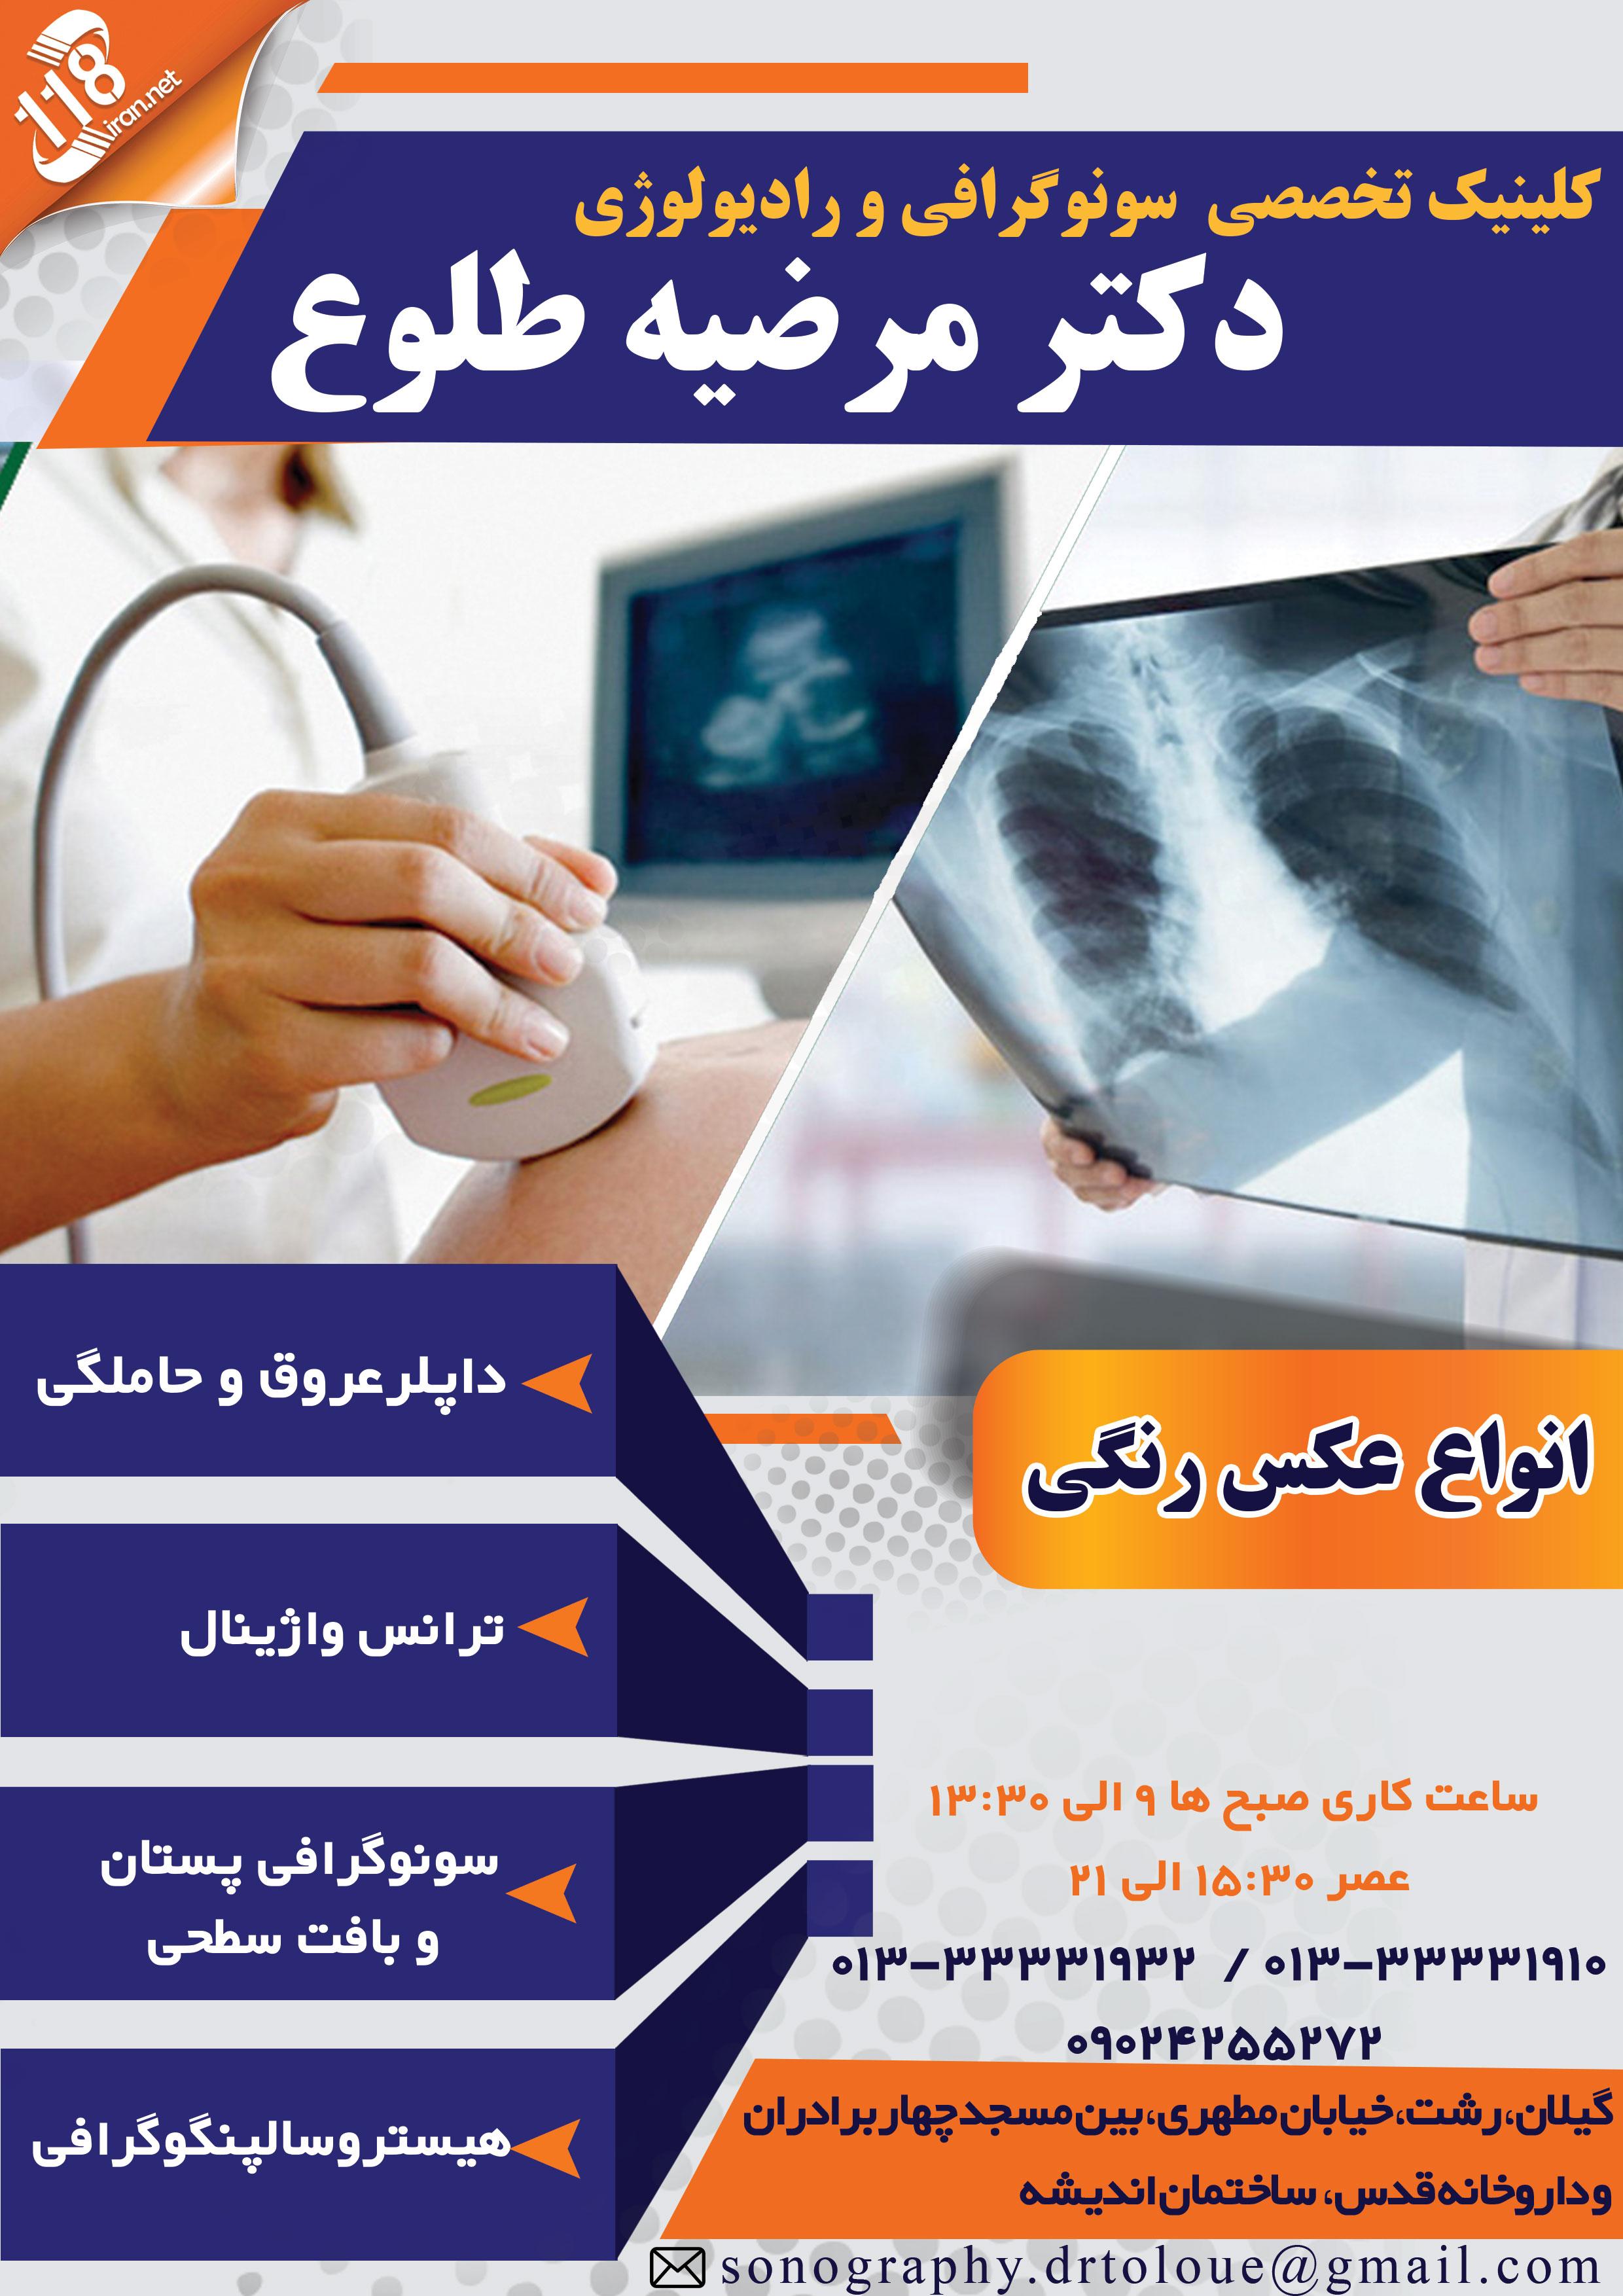 کلینیک رادیولوژی